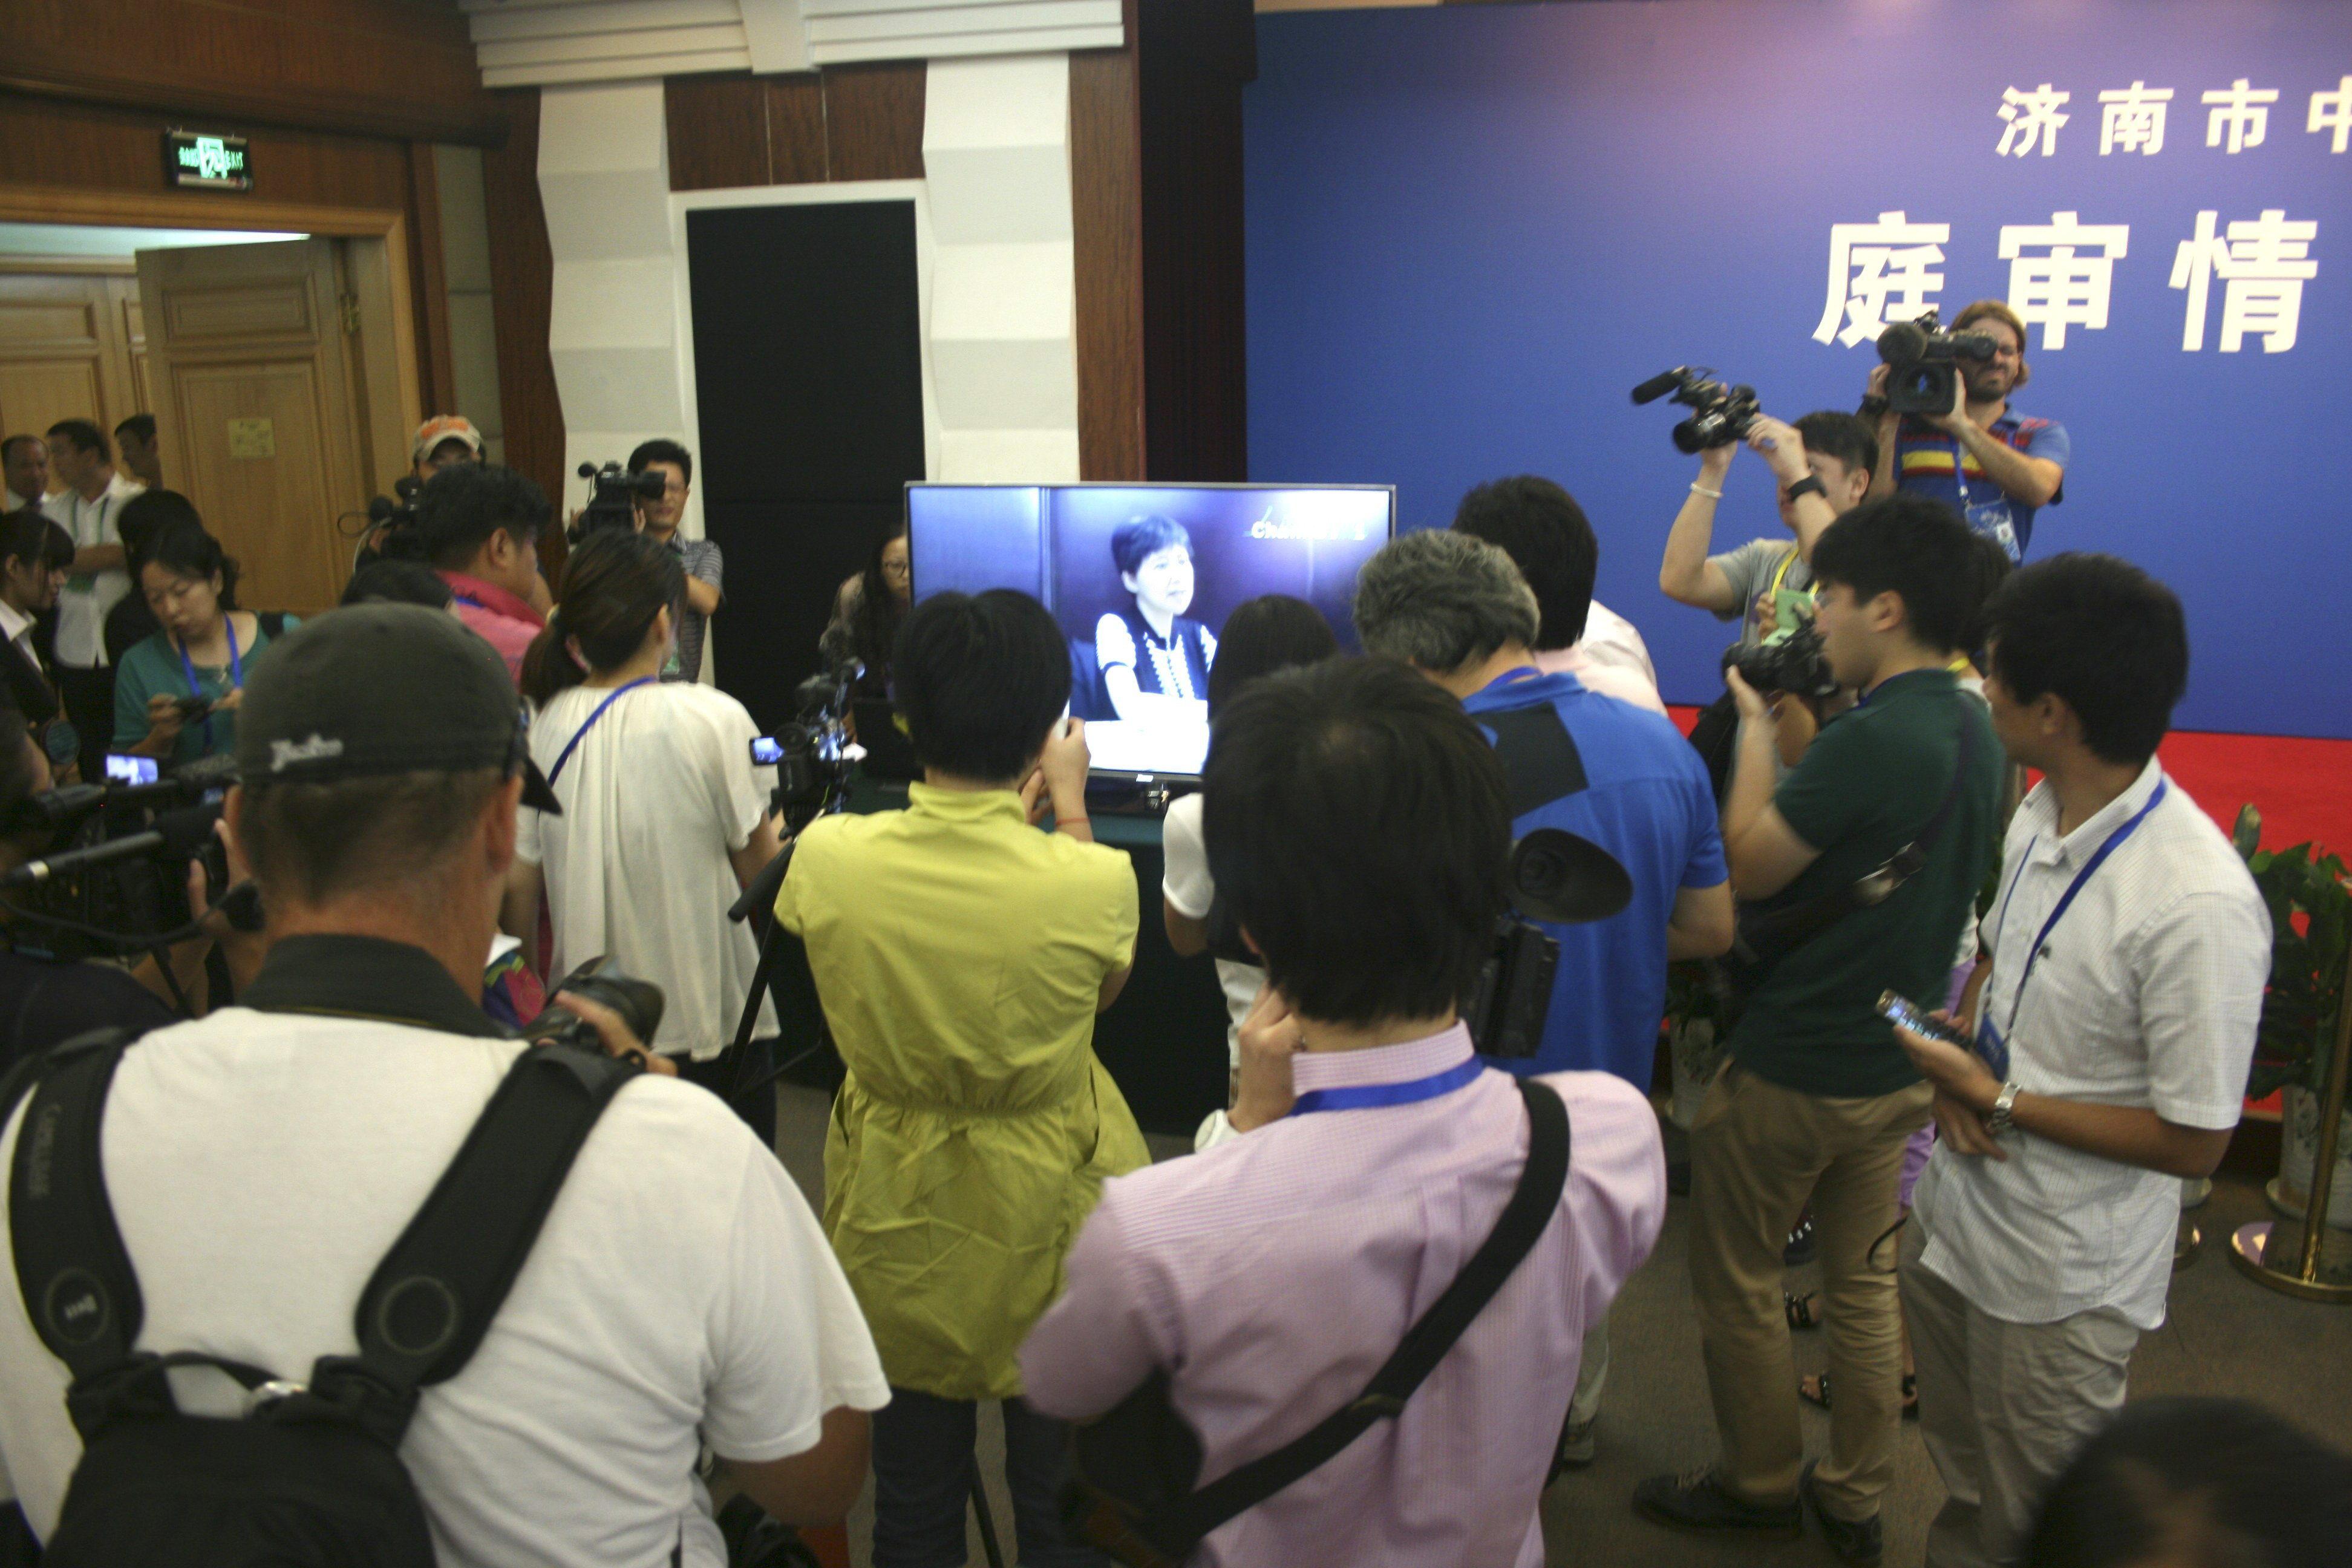 Los periodistas chinos tendrán que aprobar un examen marxista para obtener la licencia